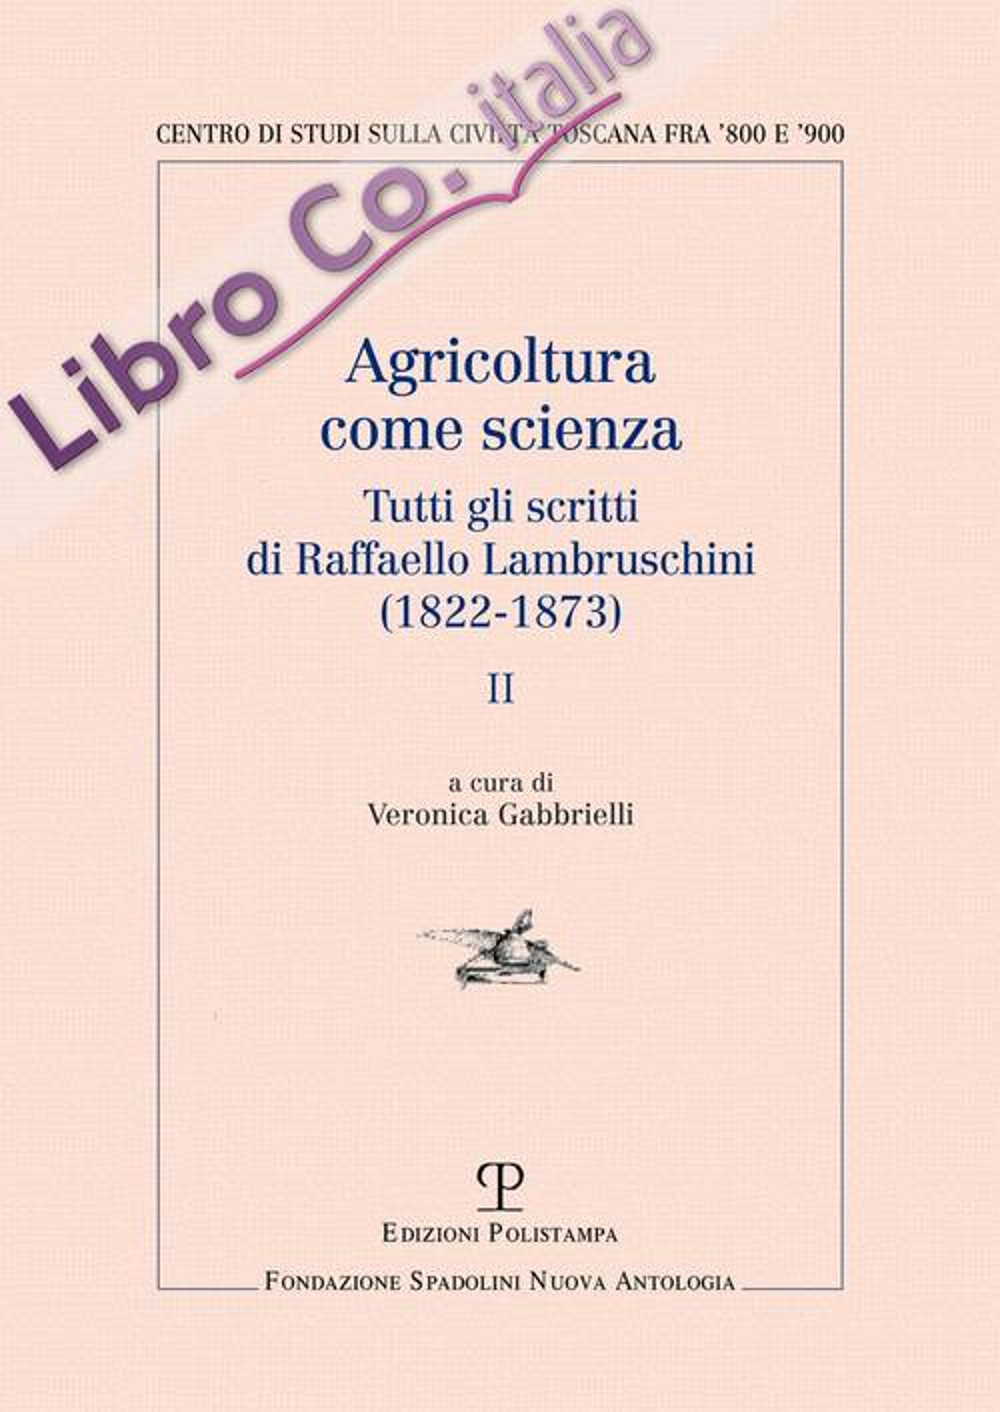 Agricoltura come scienza. Tutti gli scritti di Raffaello Lambruschini (1822-1873). II.